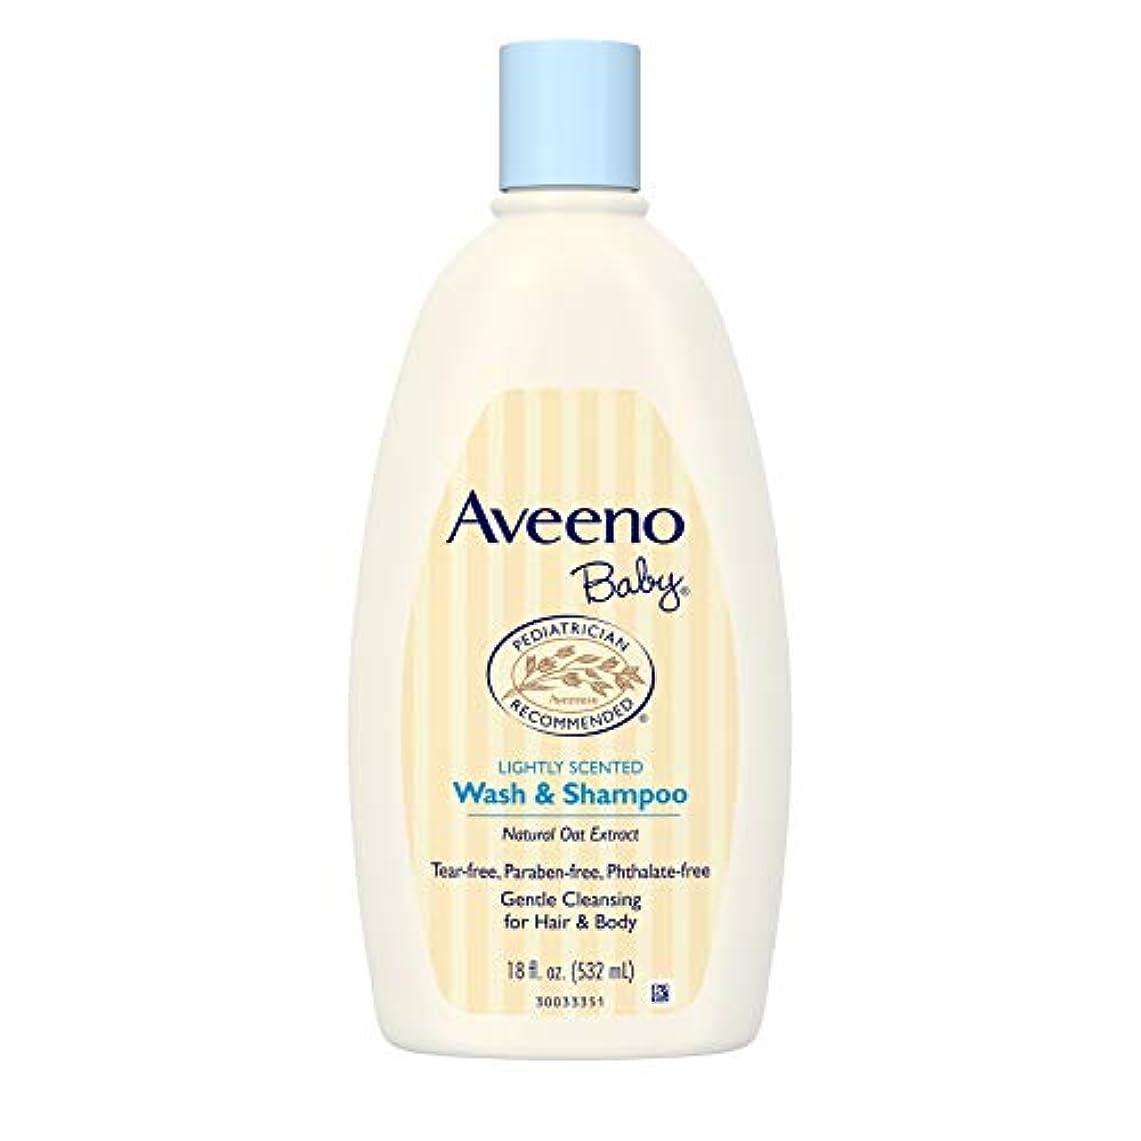 Aveeno Baby Wash & Shampoo 18 oz.